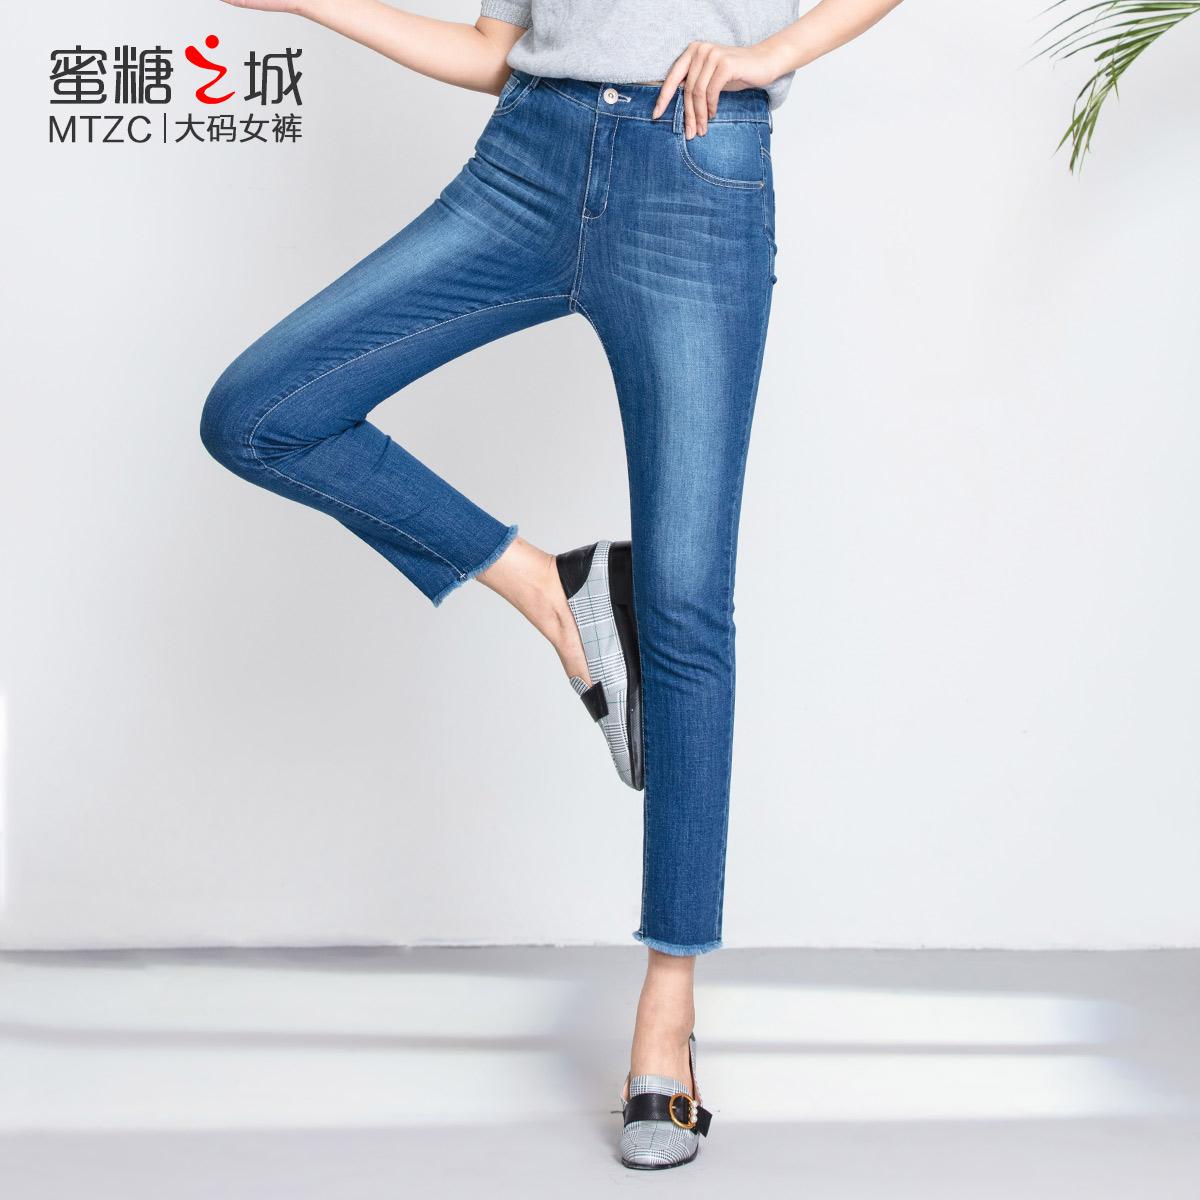 蜜糖之城2018春季新款大码牛仔裤女九分毛边小脚裤八分裤子8M2292